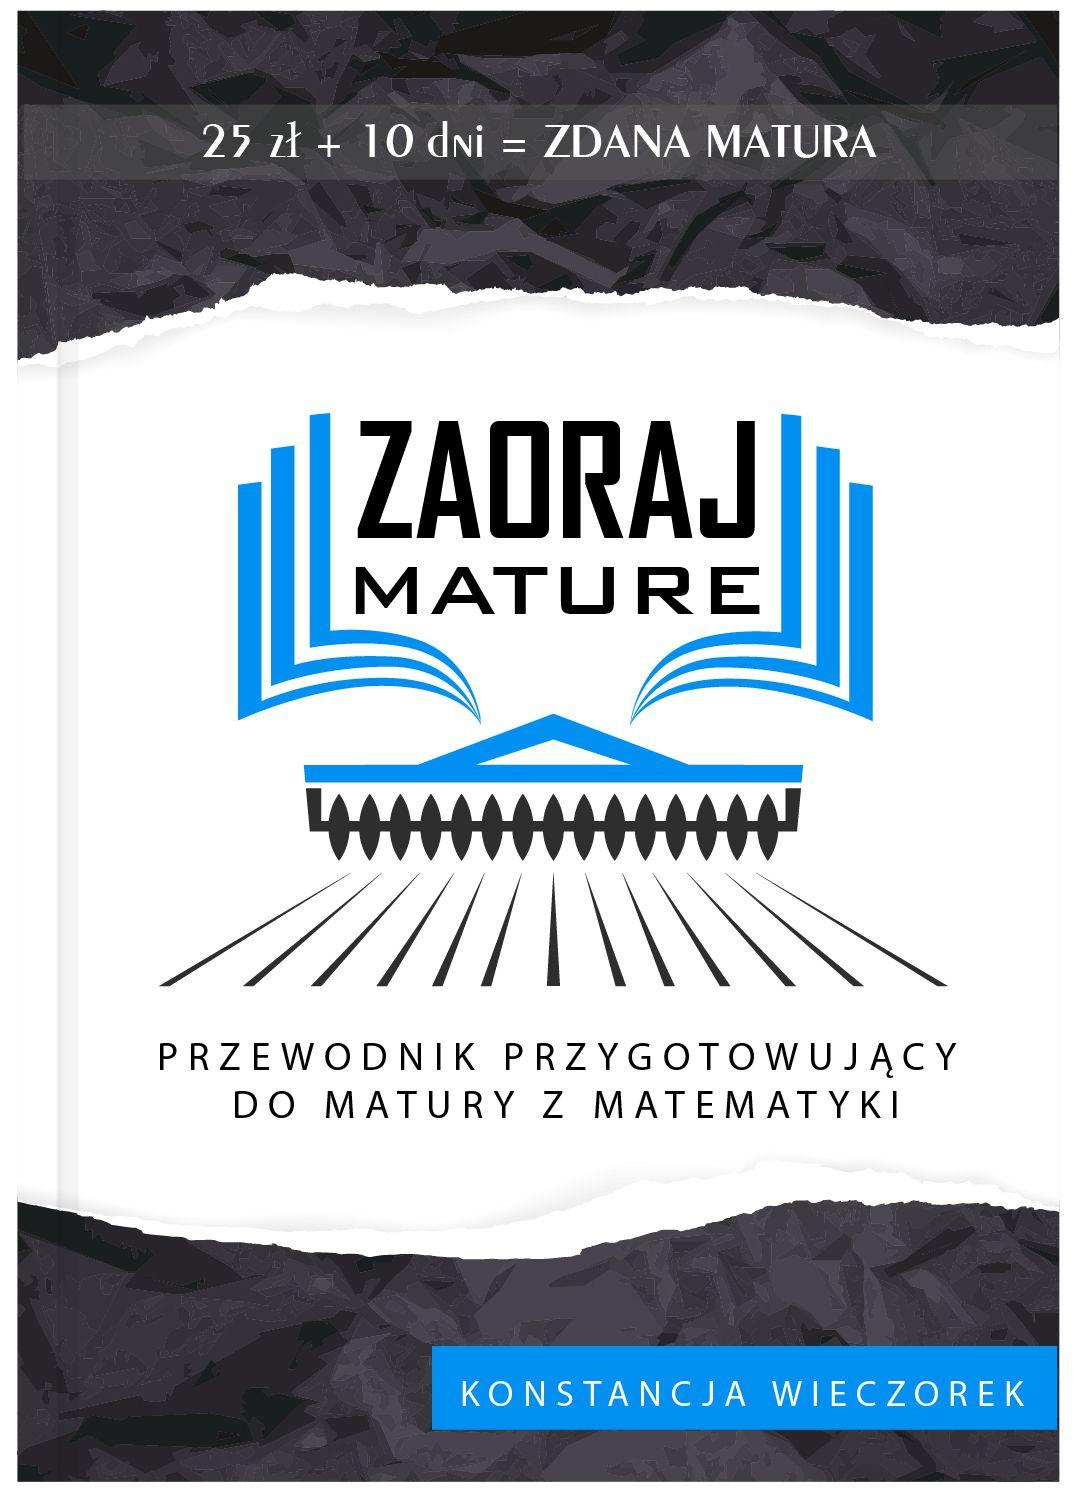 matma2021